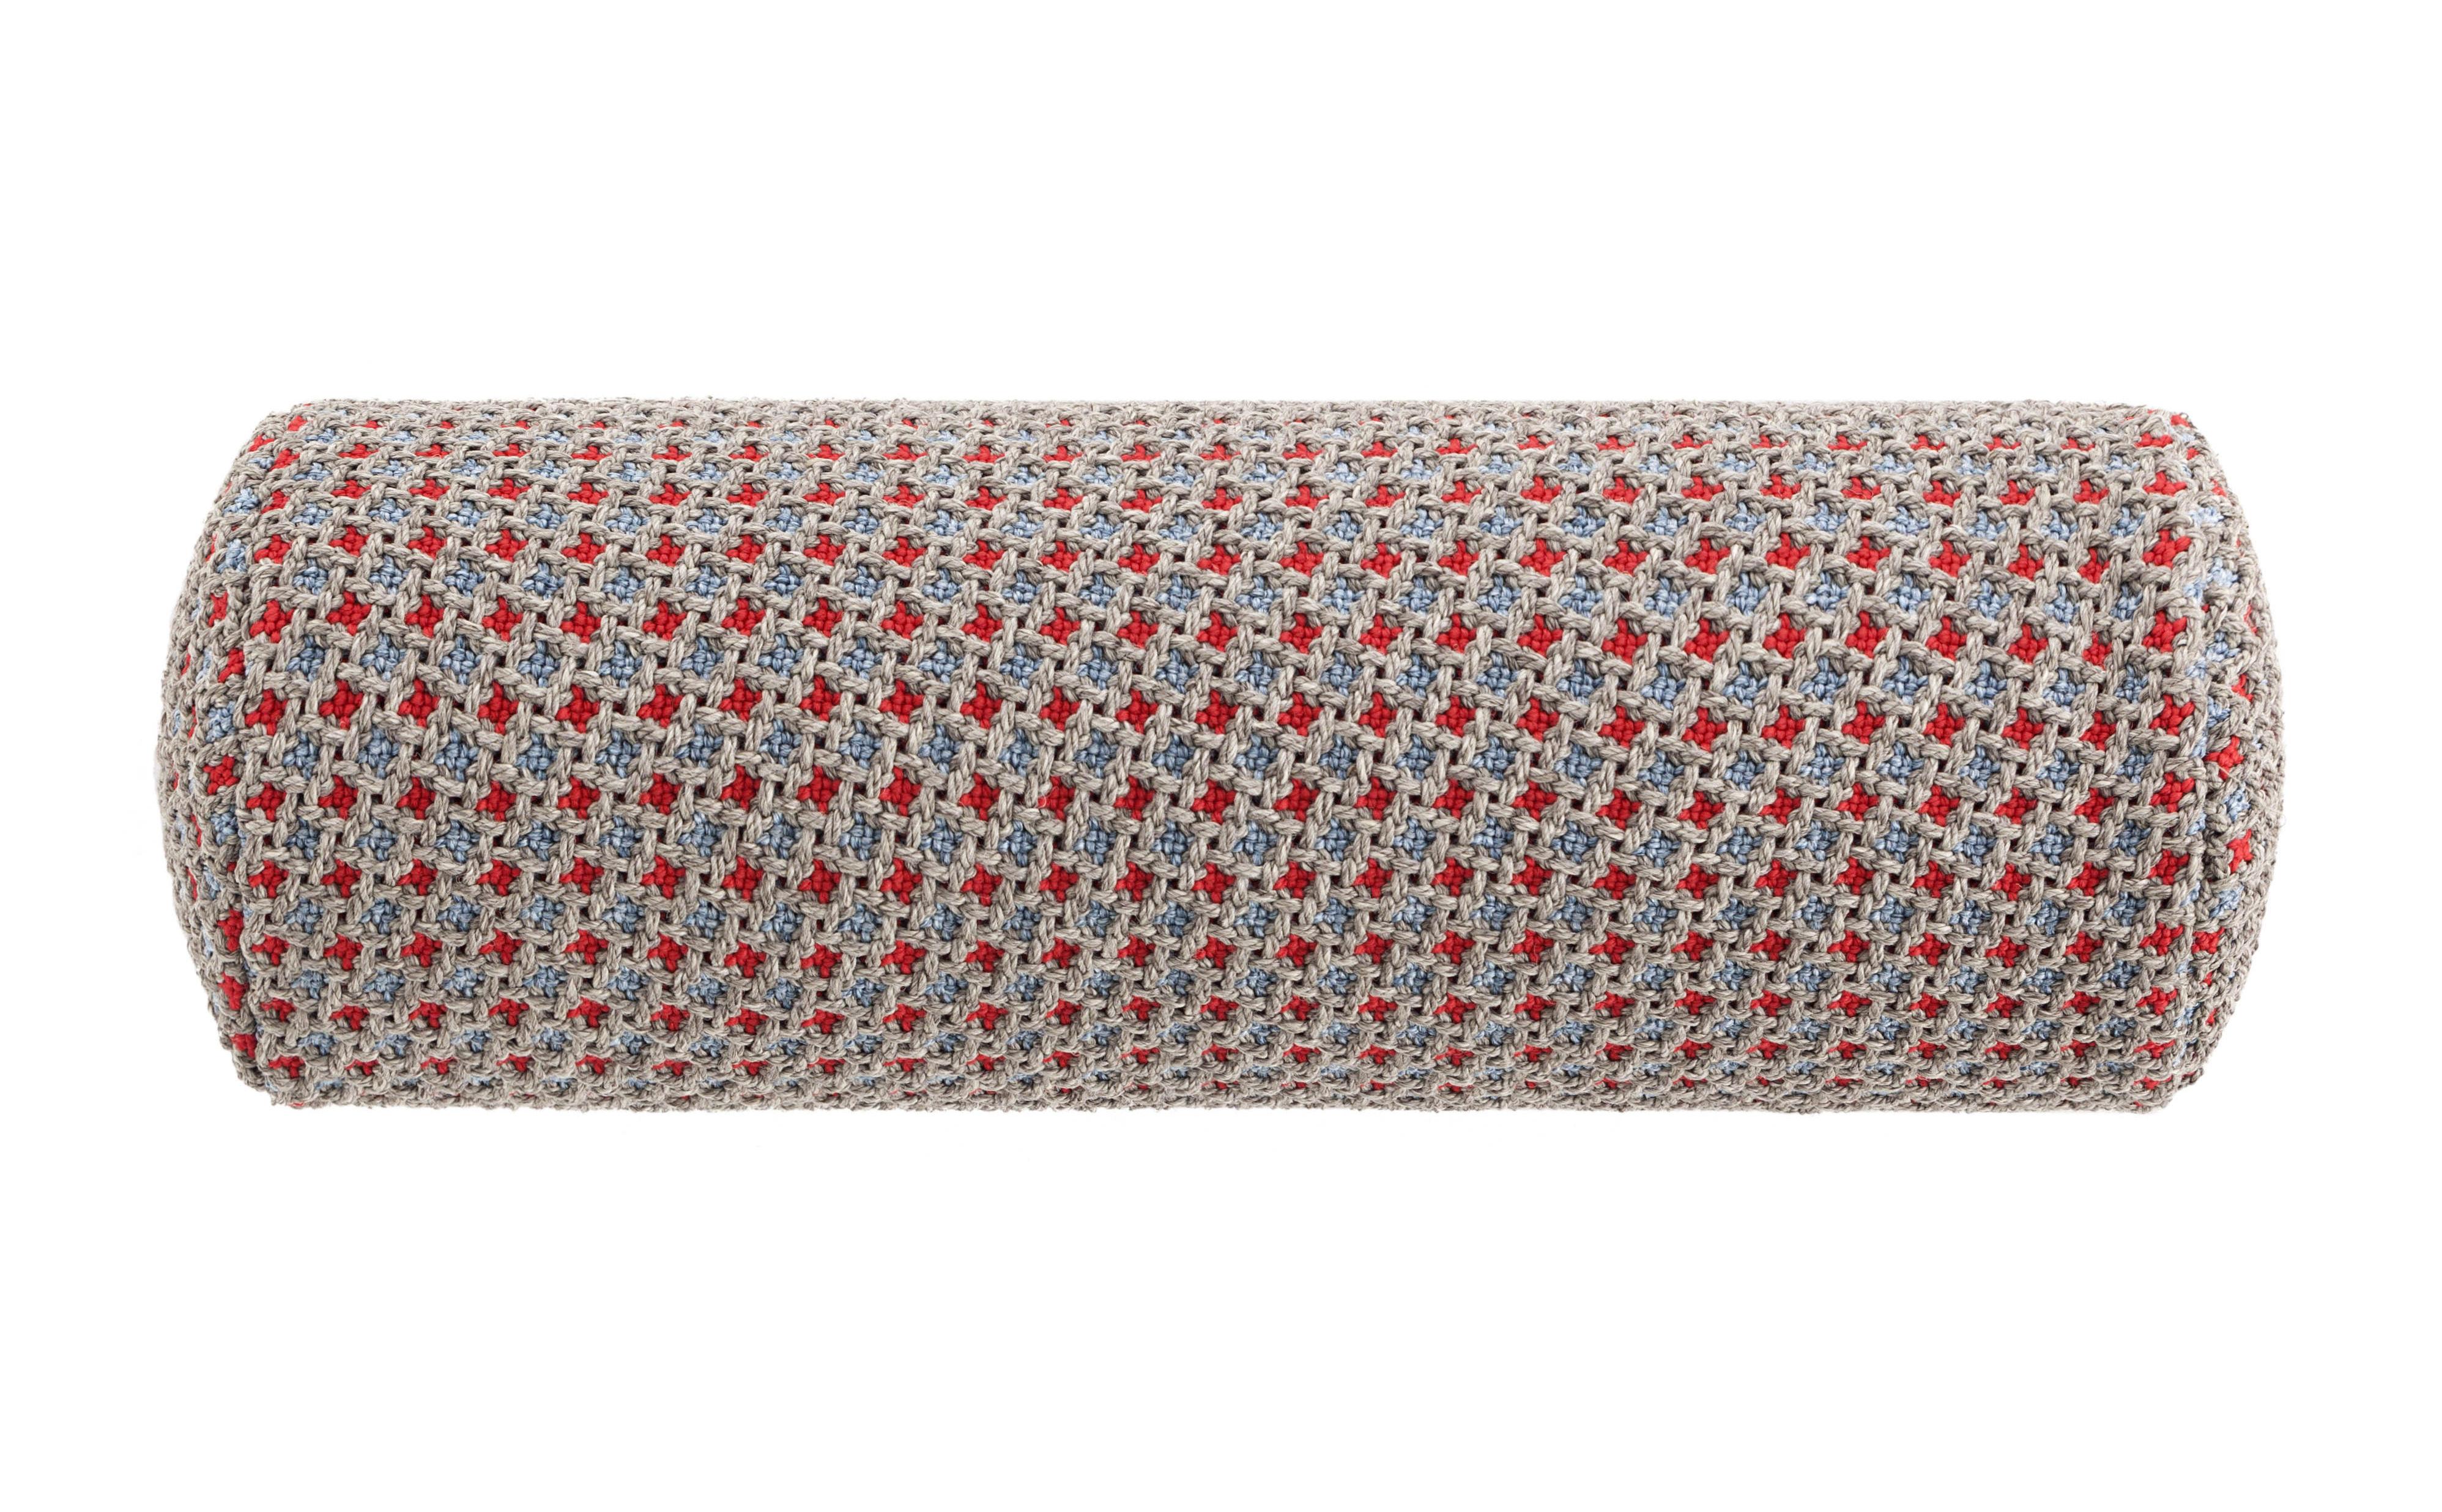 Dekoration - Kissen - Garden Layers Kissen / Nackenrolle klein - handgewebt - Gan - Gaufriert / blau & rot - Polypropylen, Schaumgummi